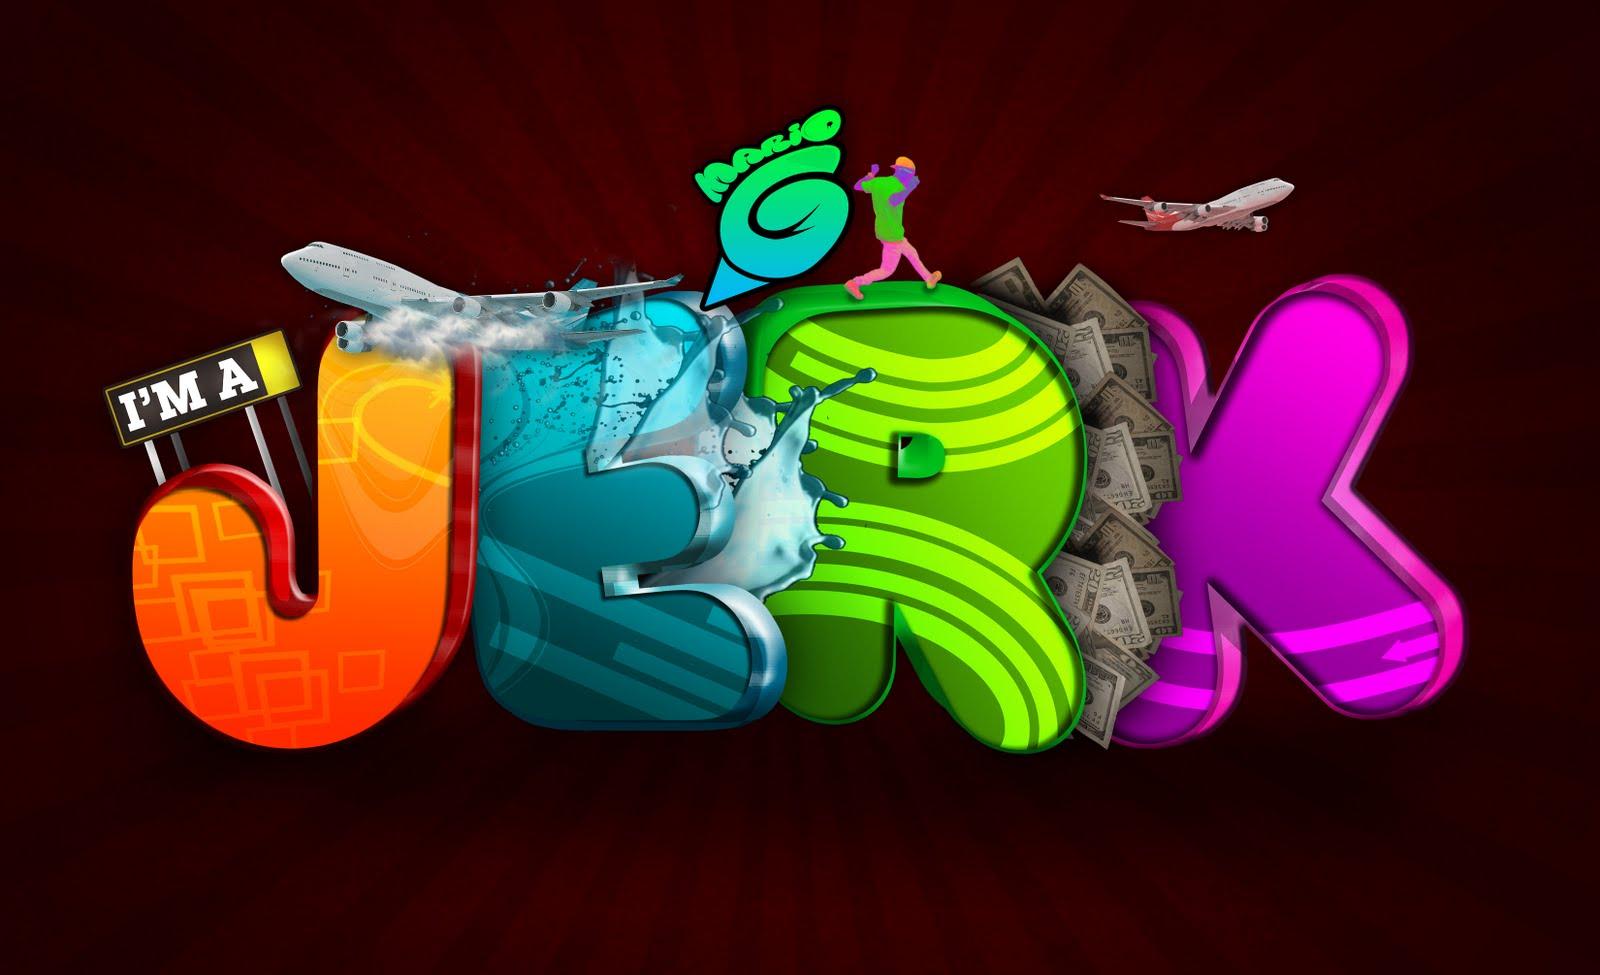 http://2.bp.blogspot.com/_oG9VTpzapko/TDrJ-eG023I/AAAAAAAAACc/qLzU54A4wiQ/s1600/I__m_a_Jerk_by_GonsalvesMario%5B1%5D.jpg